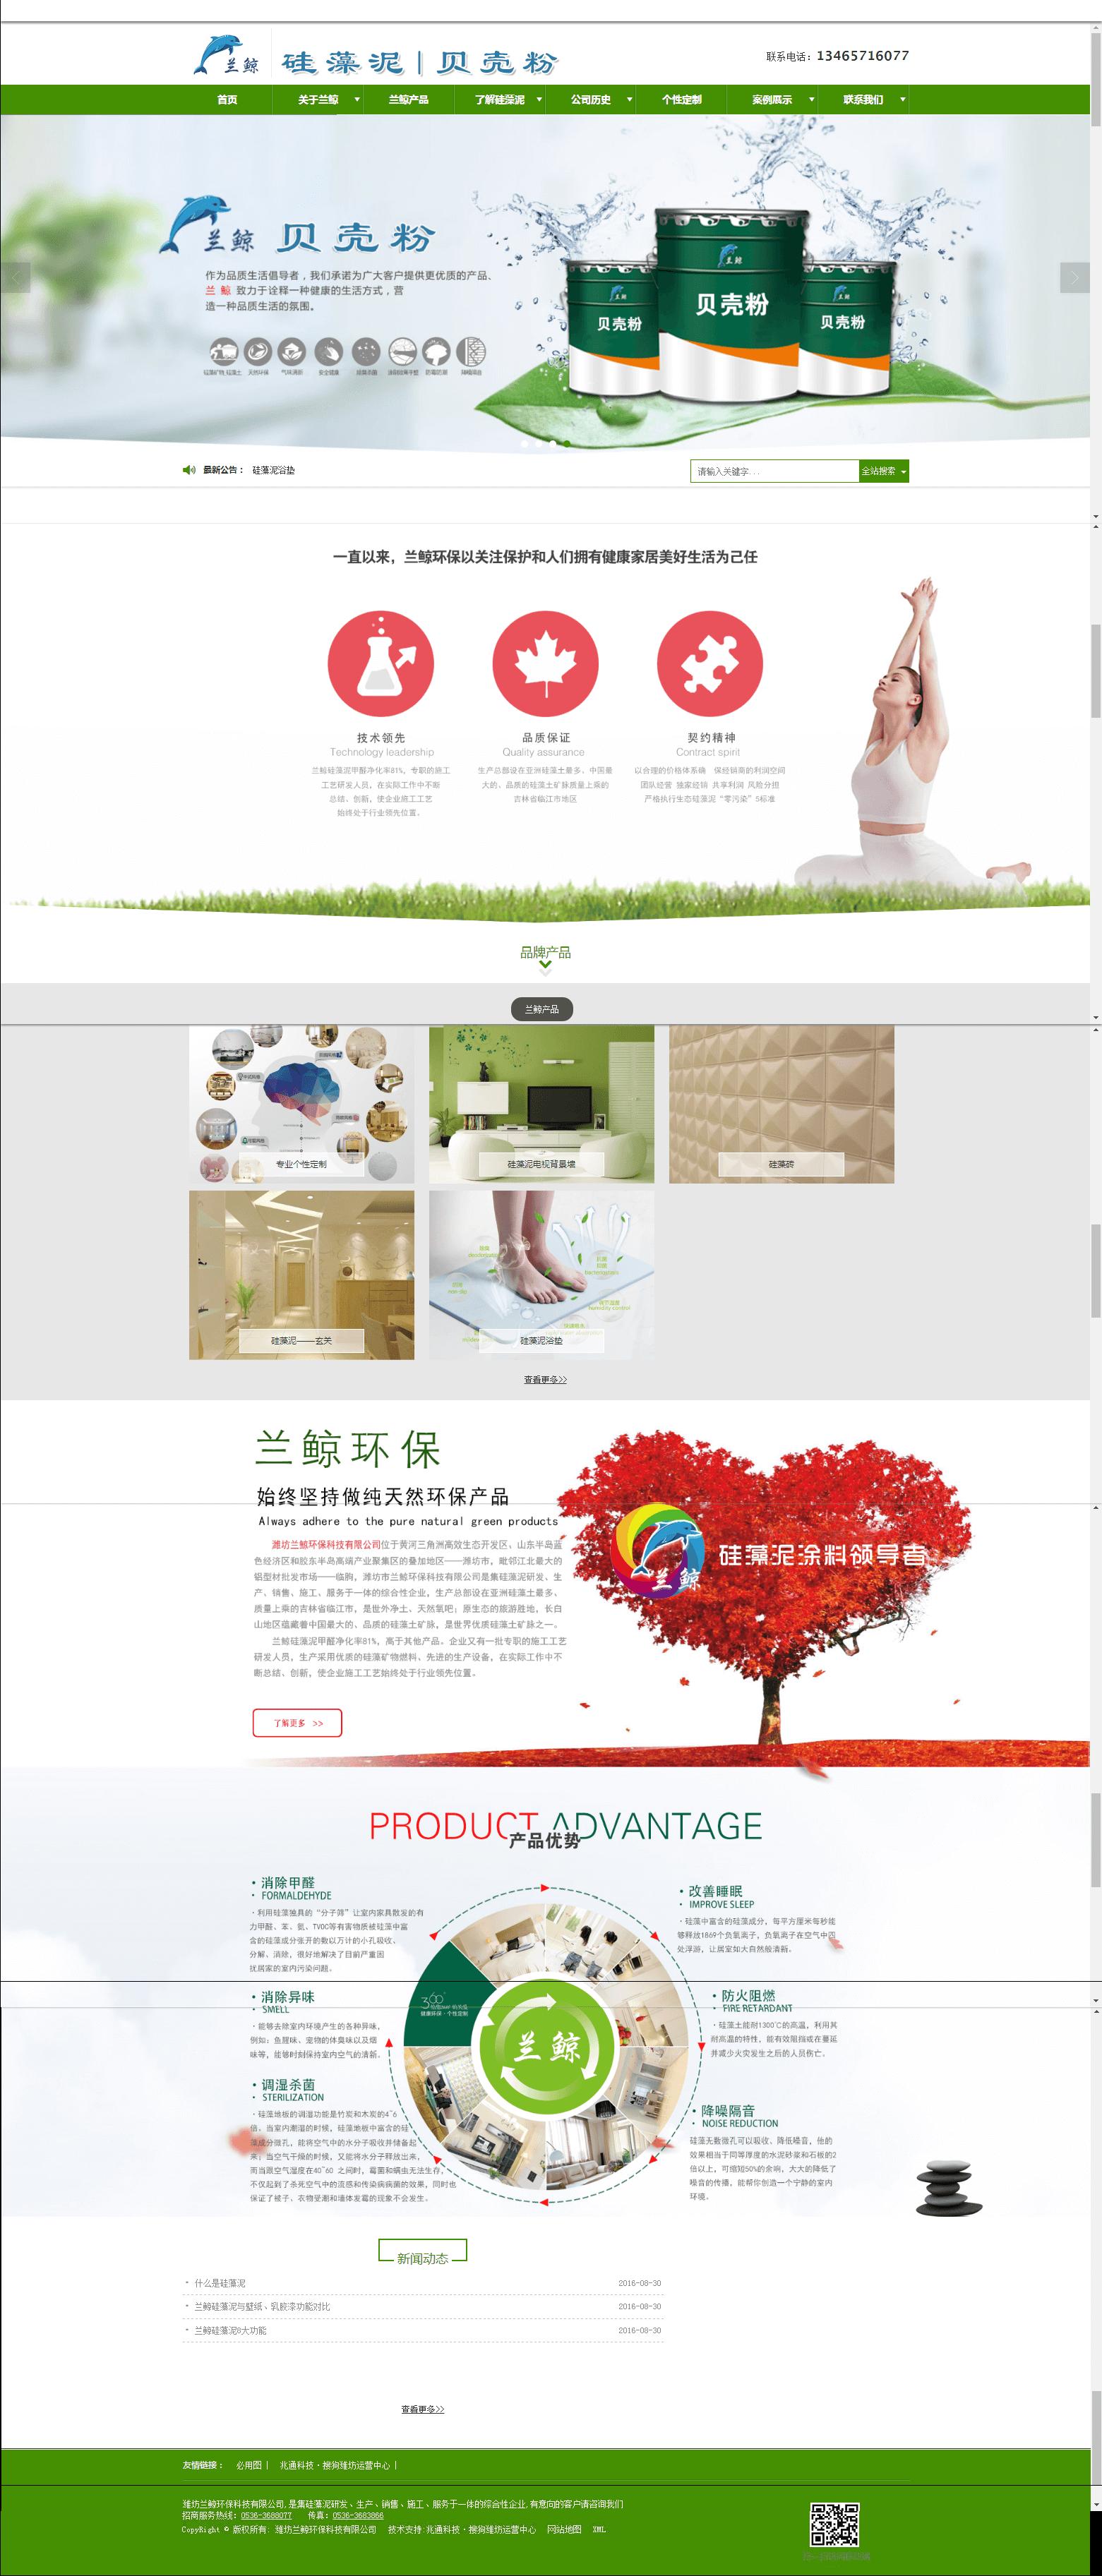 響應式案例展示頁.png